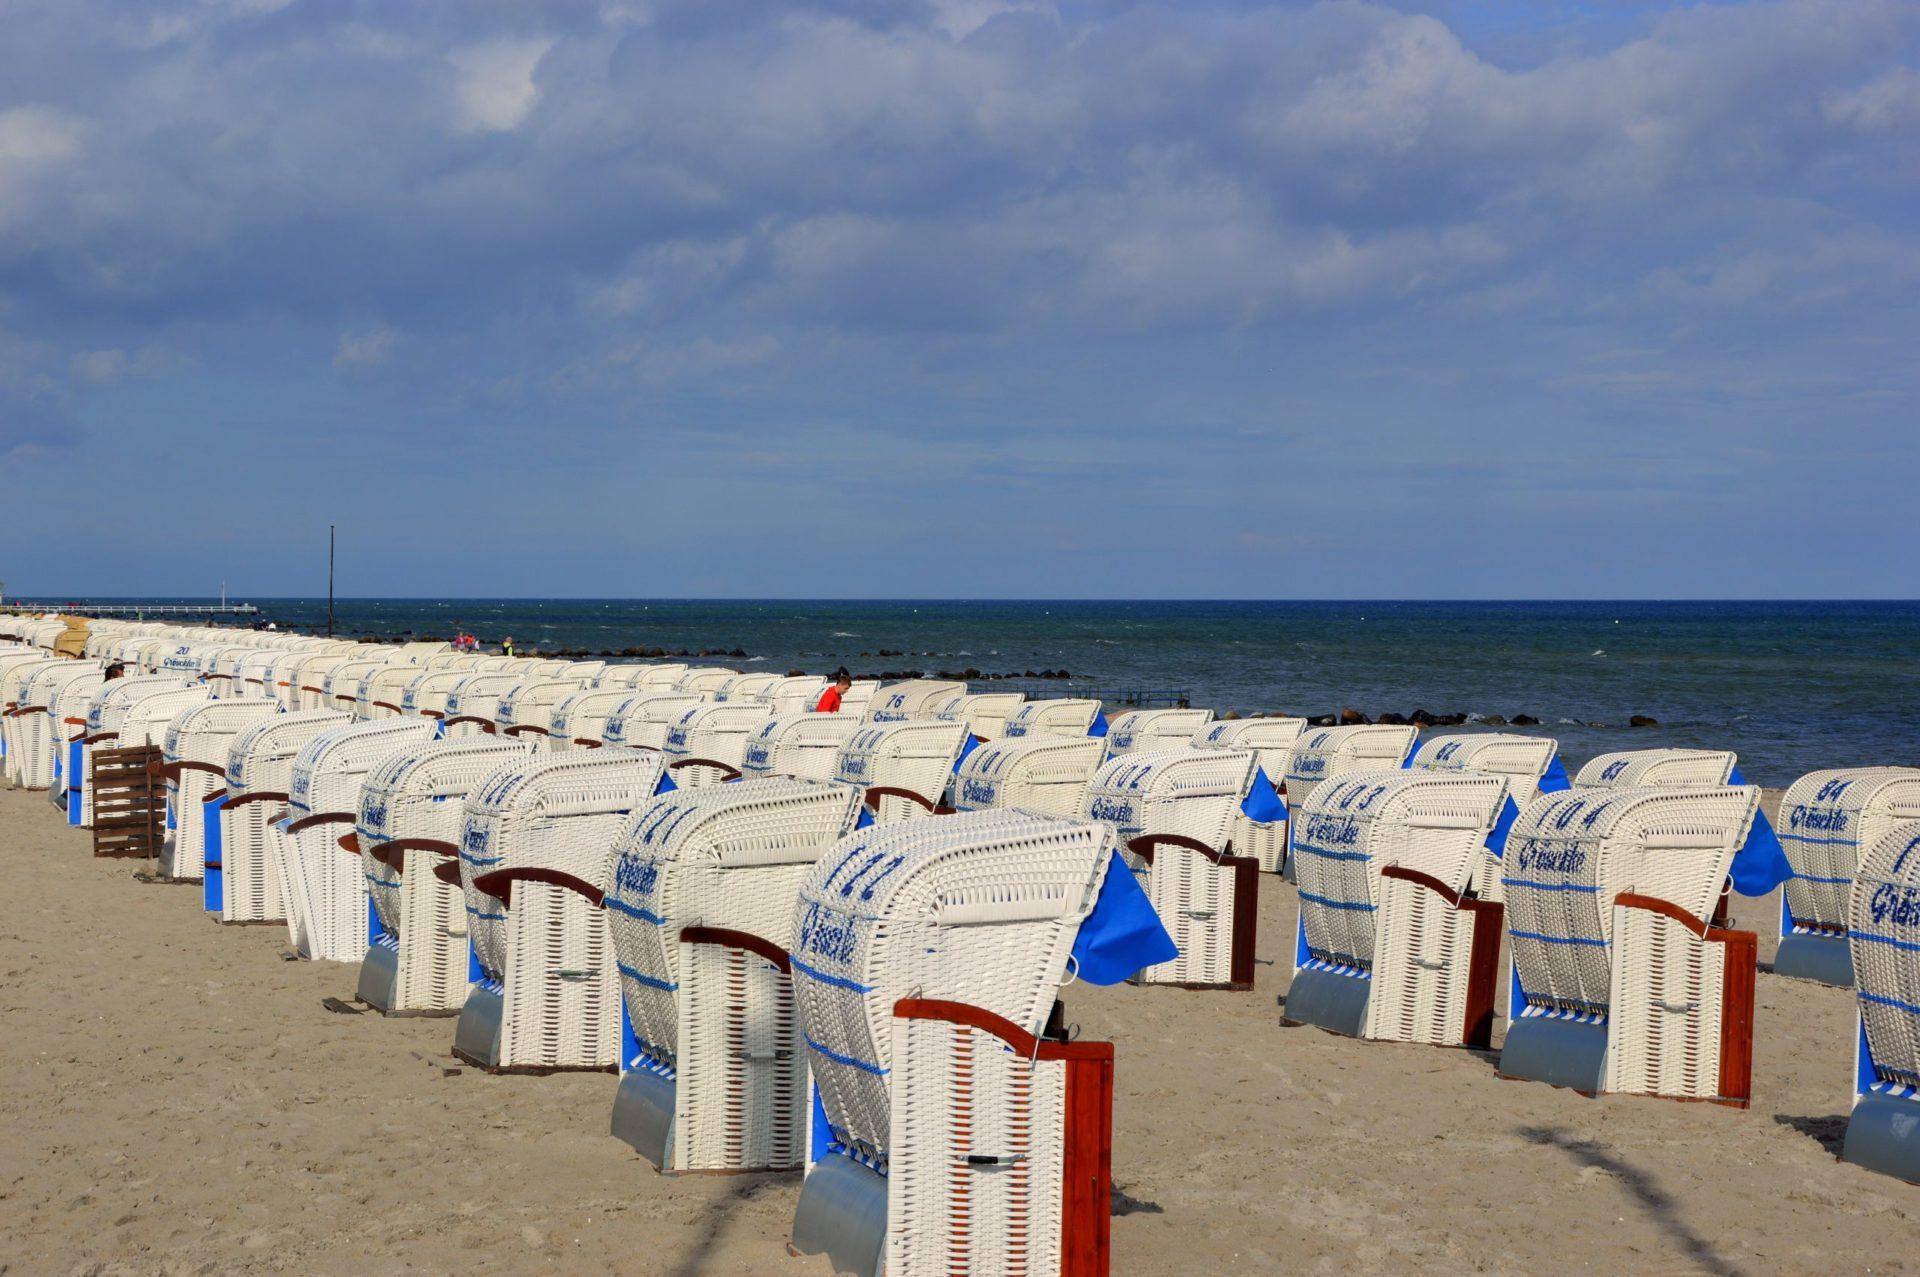 Wassertemperatur Timmendorfer Strand: Strandkörbe am Timmendorfer Strand